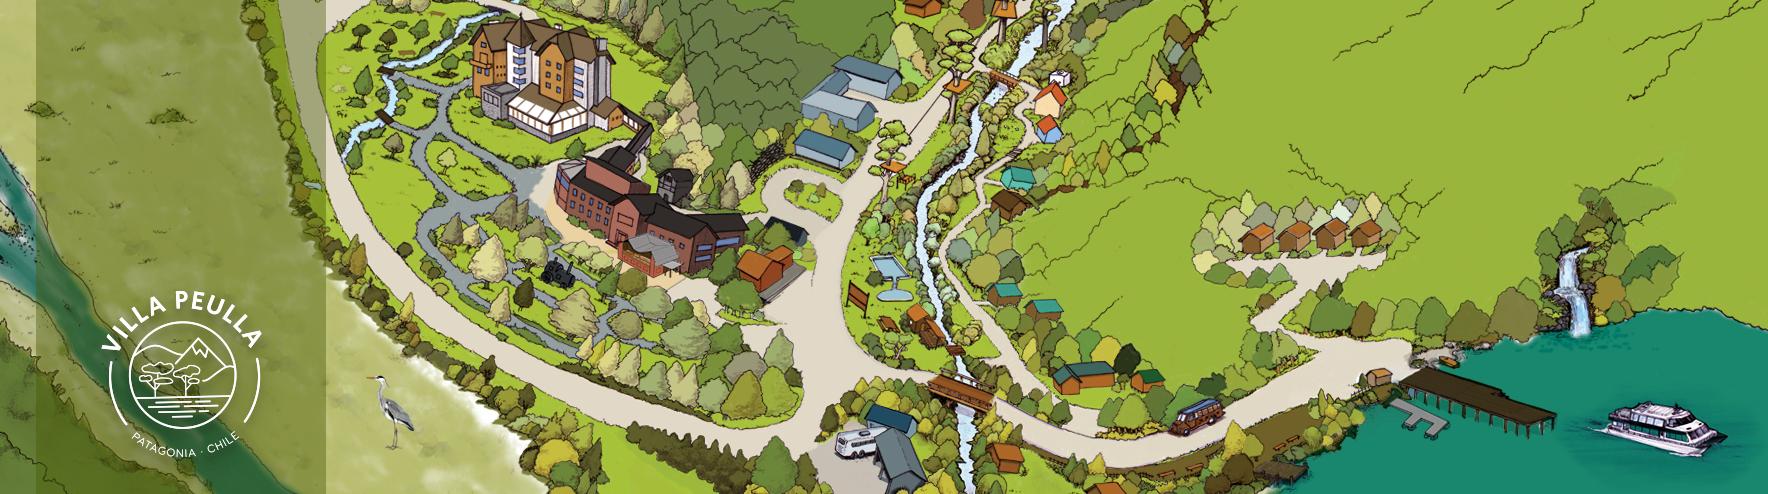 Mapa Villa Peulla